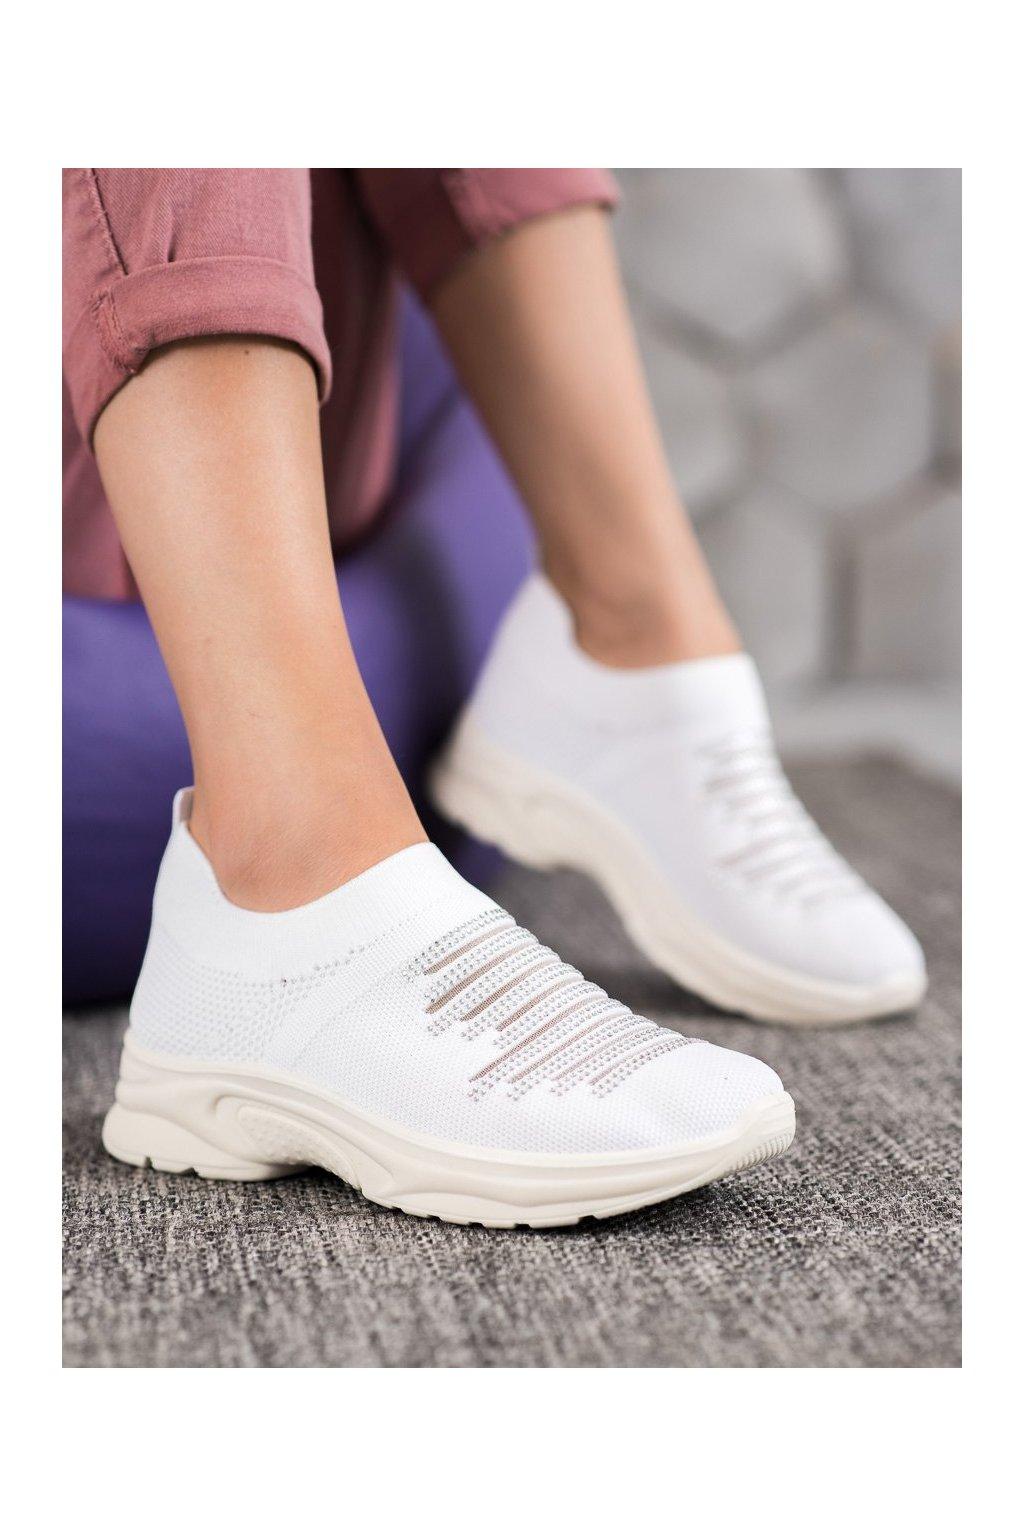 Biele tenisky Mckeylor kod ANN20-14400W